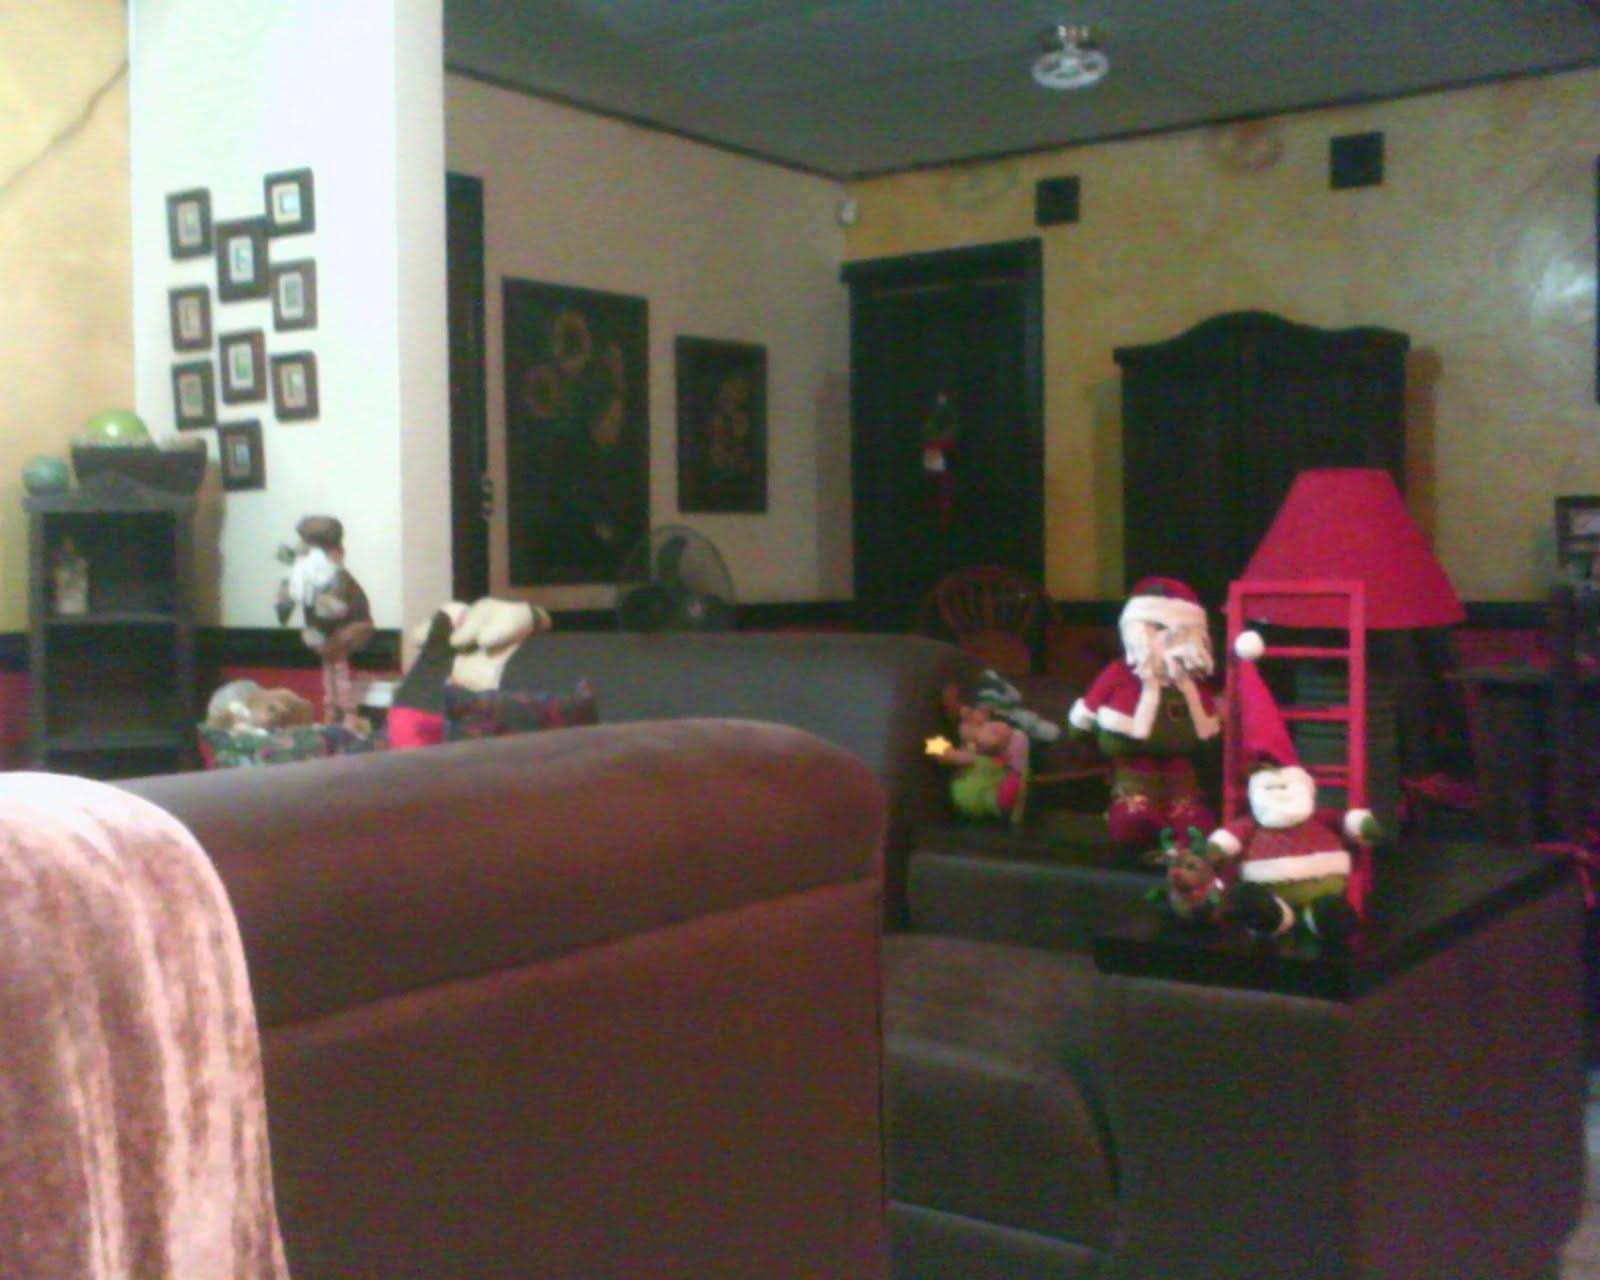 Decorando la casa par navidad girasoles - Decorar mi casa en navidad ...